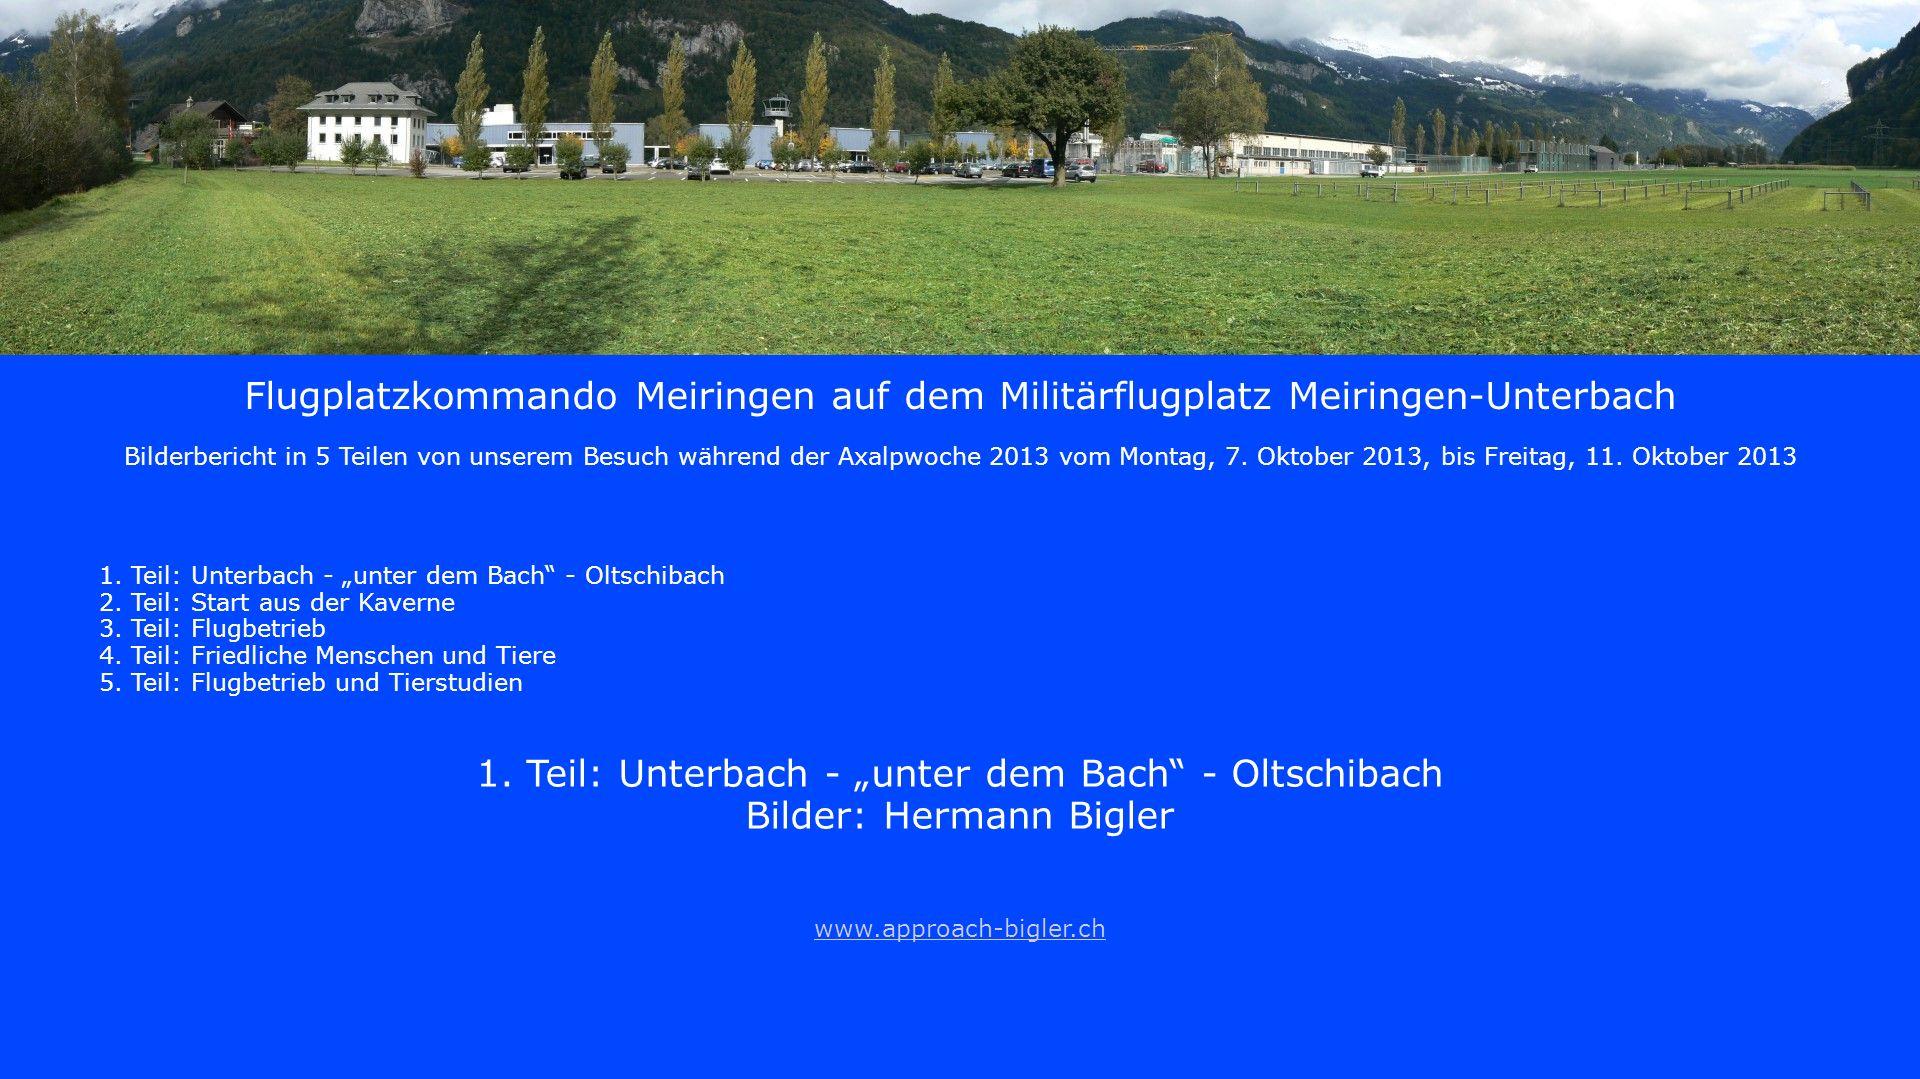 Der Oltschibach ist seit Jahrzehnten für alle der Blickfang in Unterbach, unter dem Bach.